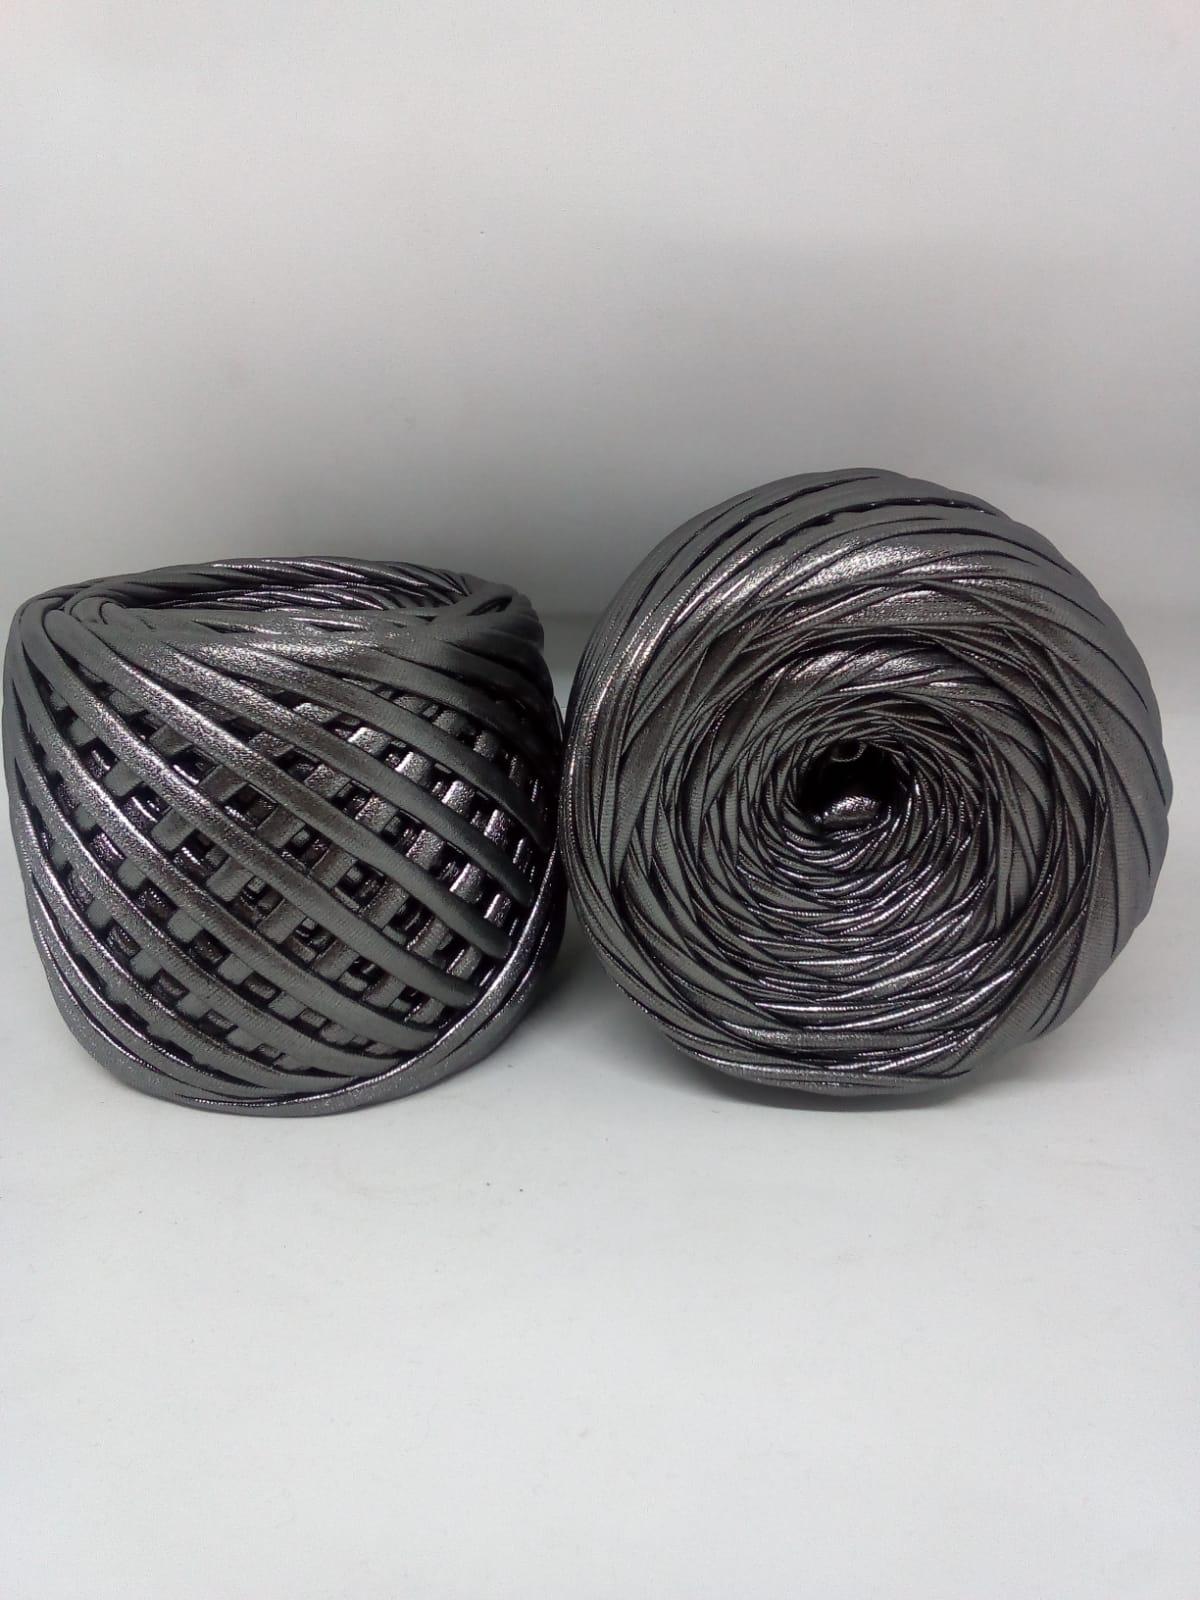 Maccaroni Metallic (Маккарони металика) 5 - серое сияние купить с доставкой по Минску